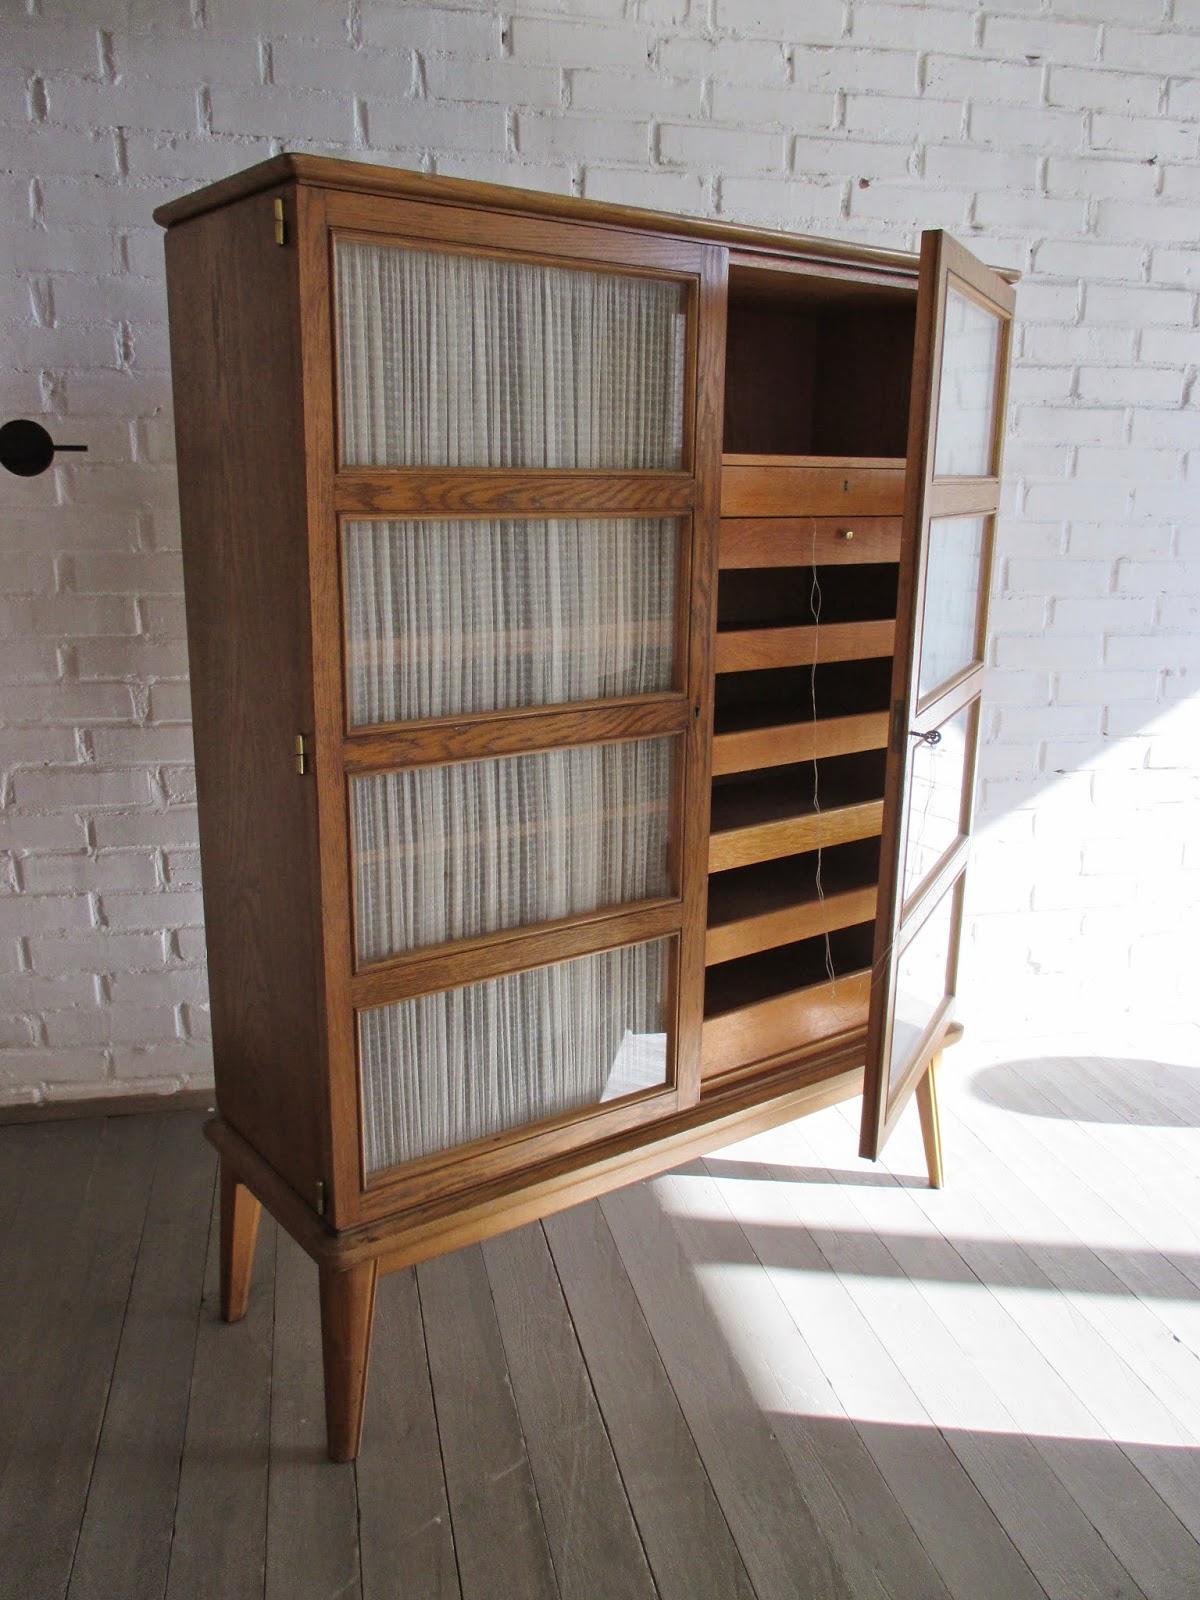 Vintage design medina flor z showroom c modas - Comodas antiguas restauradas fotos ...